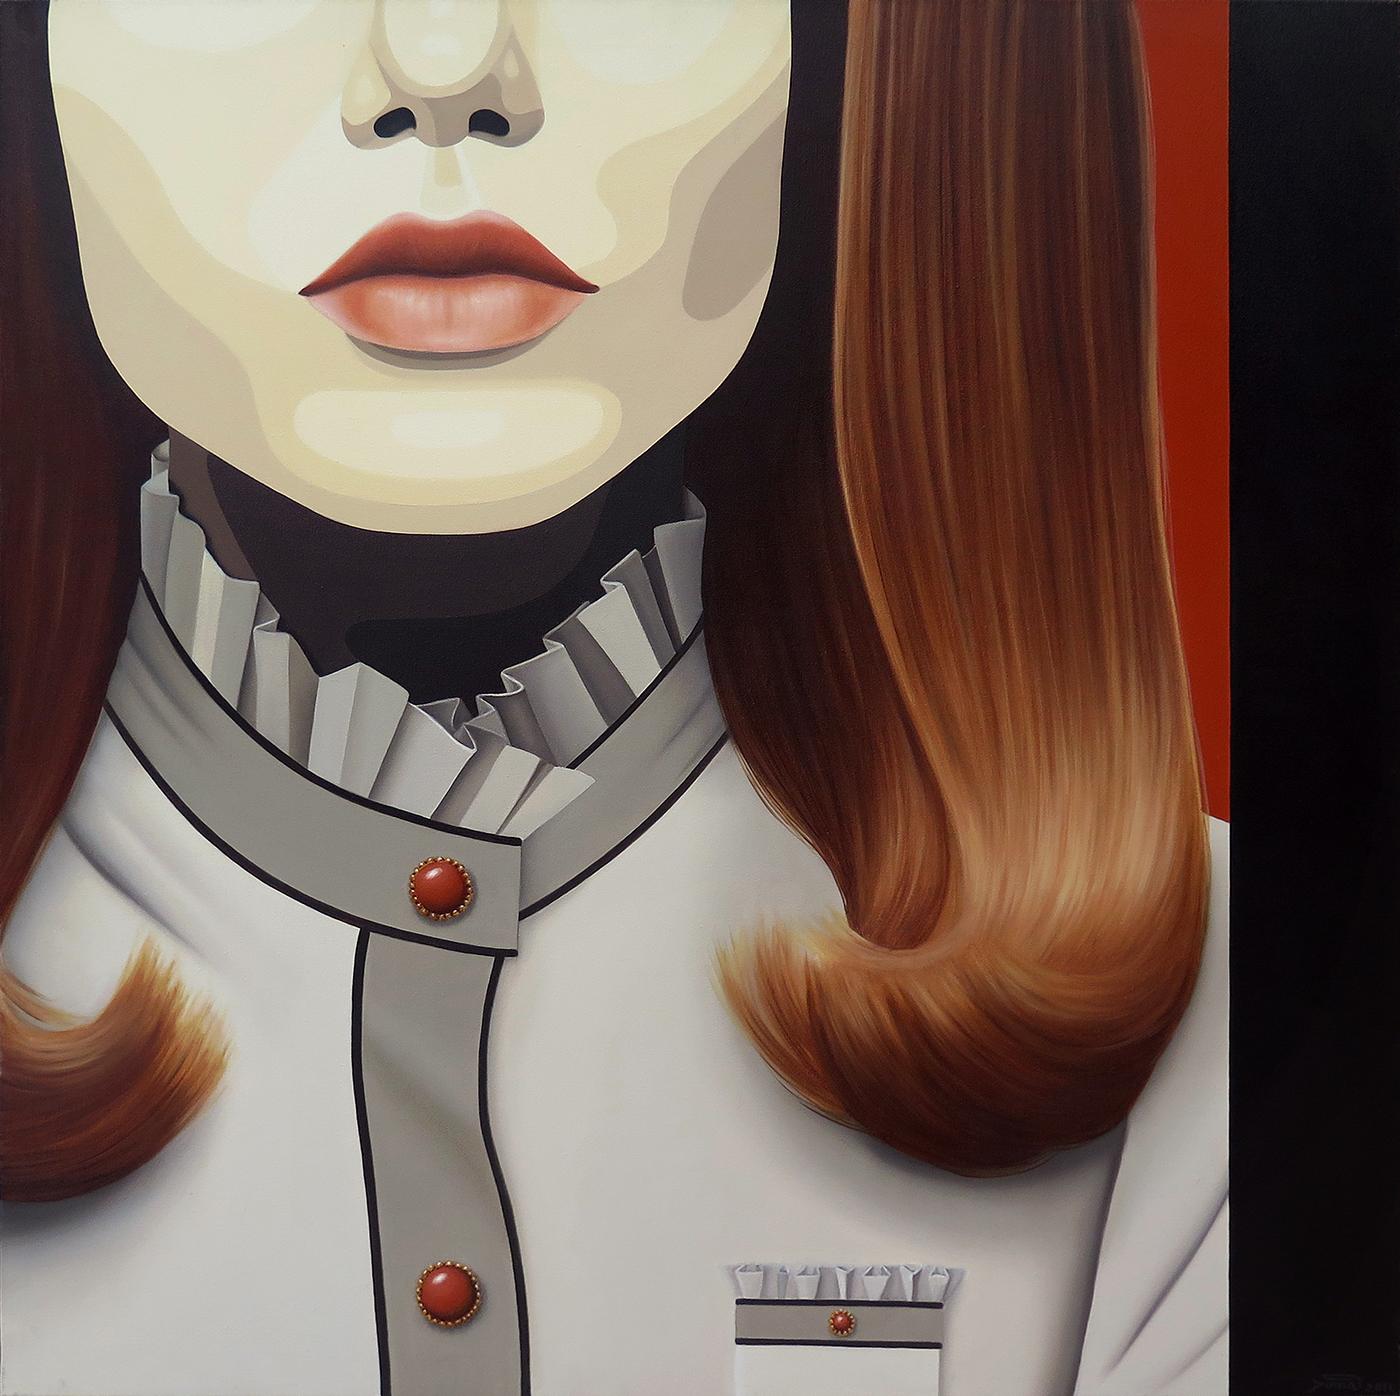 Retro Revival, óleo sobre tela, 80 x 80 cm